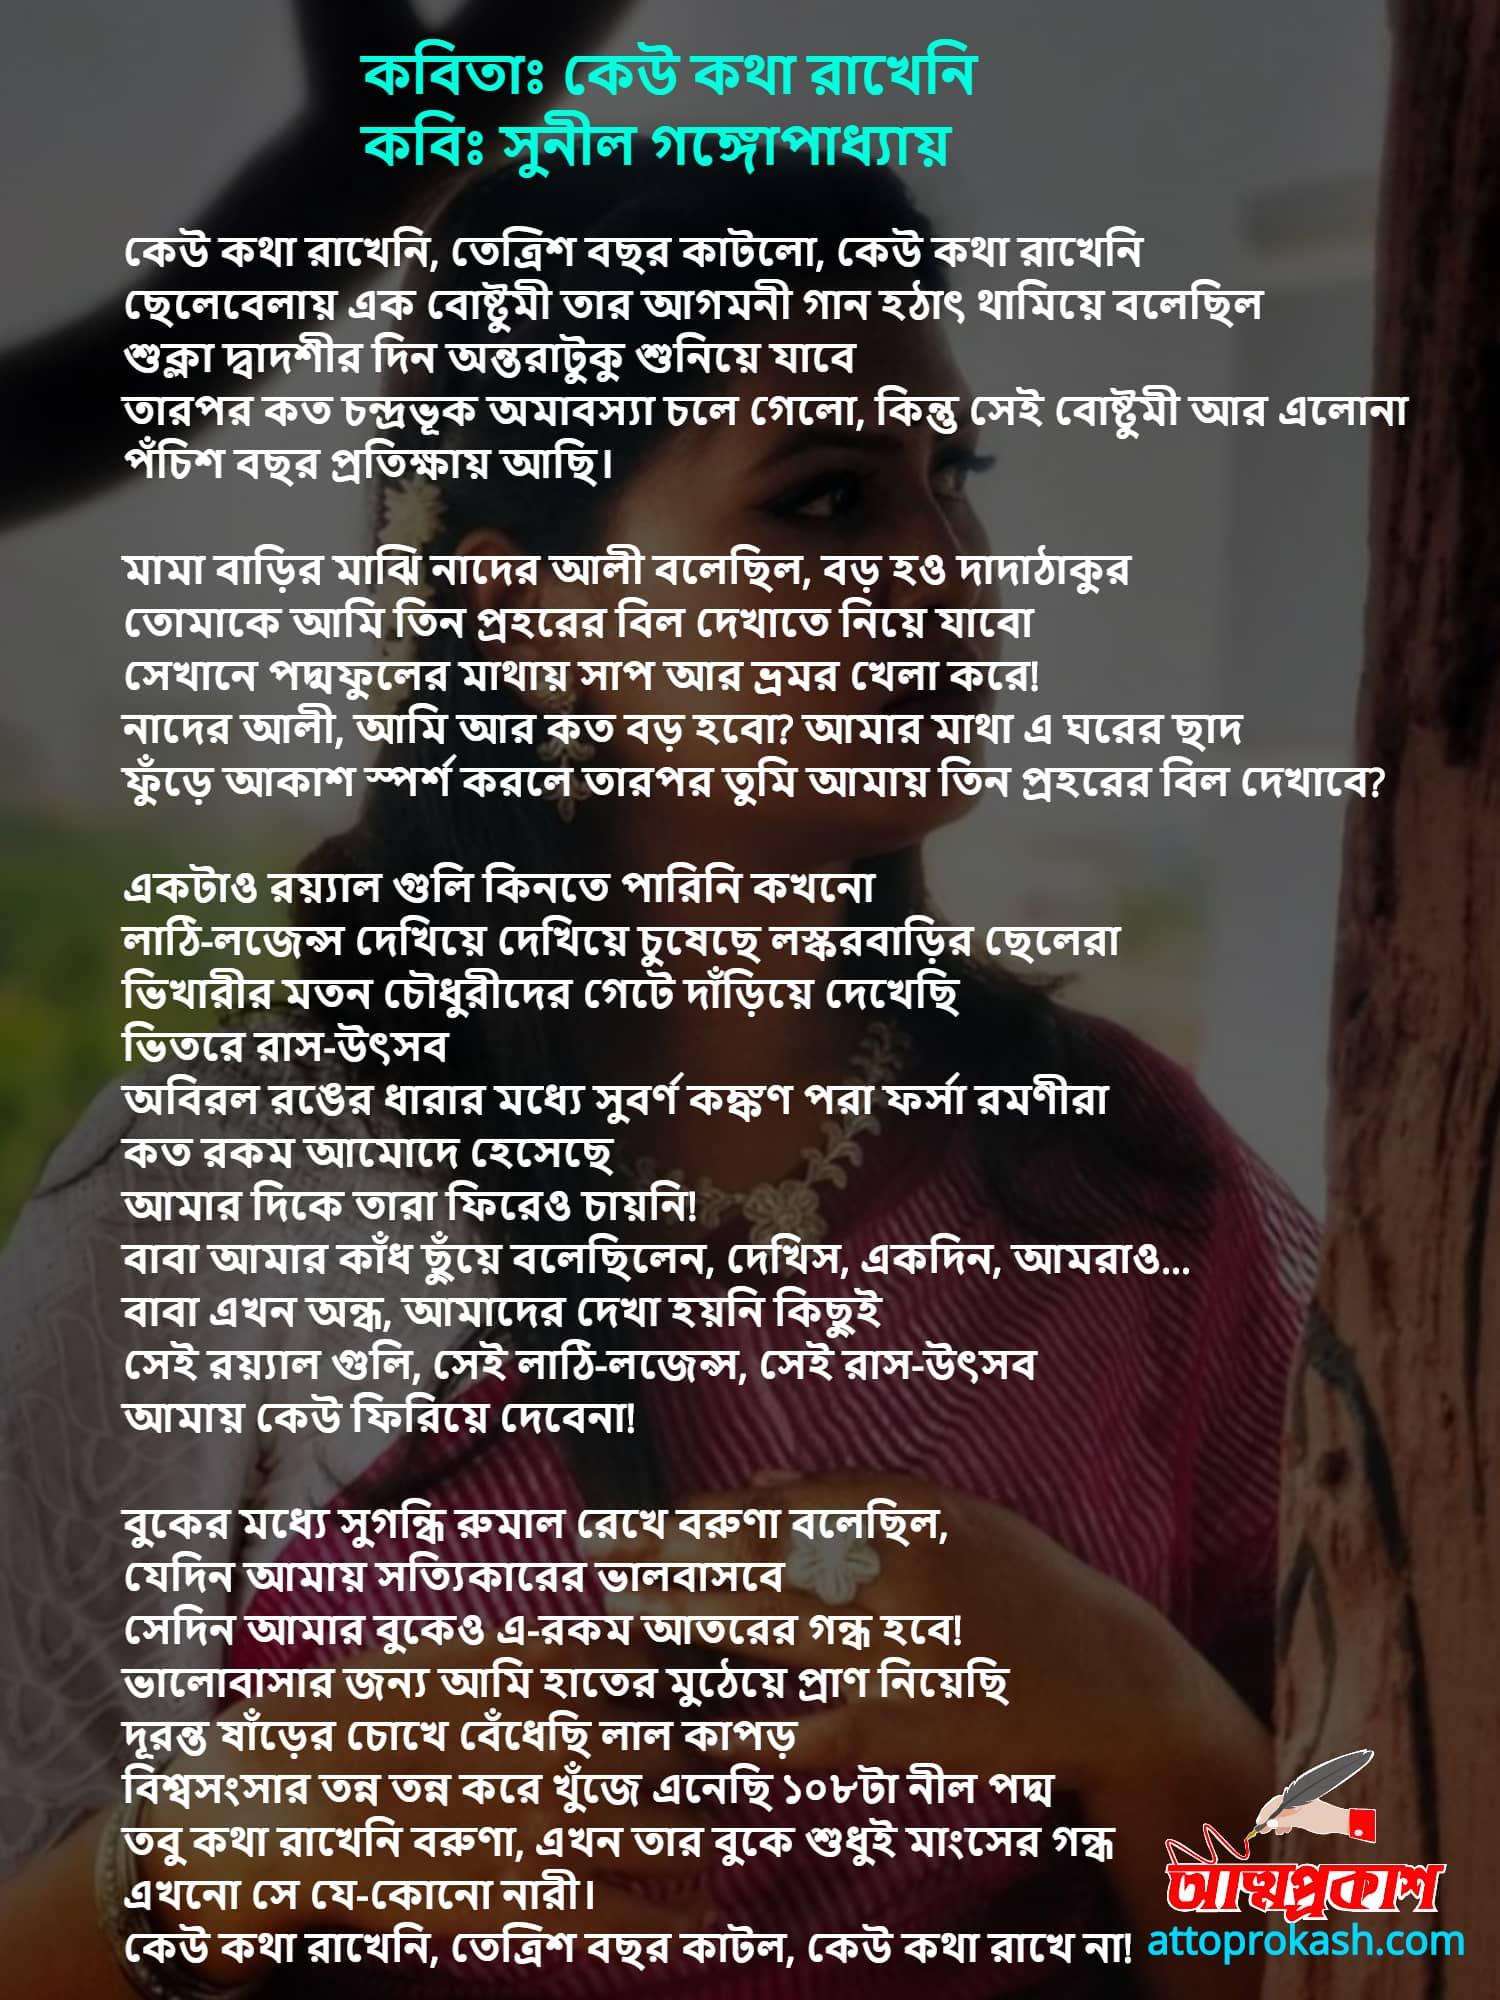 কেউ-কথা-রাখেনি-কবিতা-সুনীল-গঙ্গোপাধ্যায়-keu kotha-rakheni-kobita-sunil-gangapadhyay-2-min